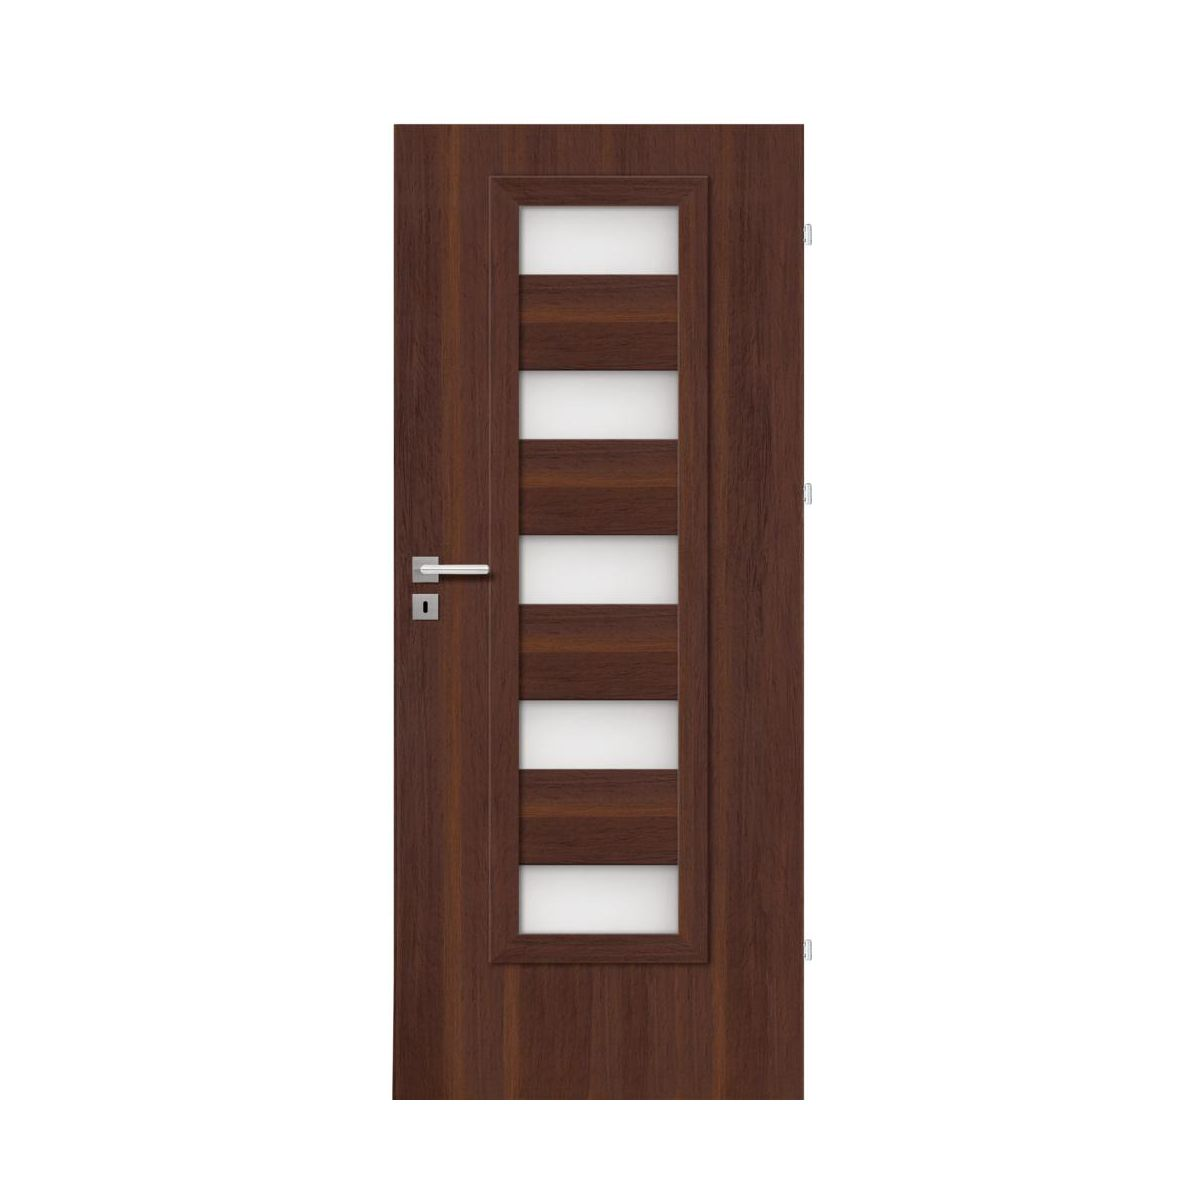 skrzyd o drzwiowe bastia pokojowe prawe 80 drzwi wewn trzne w atrakcyjnej cenie w sklepach. Black Bedroom Furniture Sets. Home Design Ideas